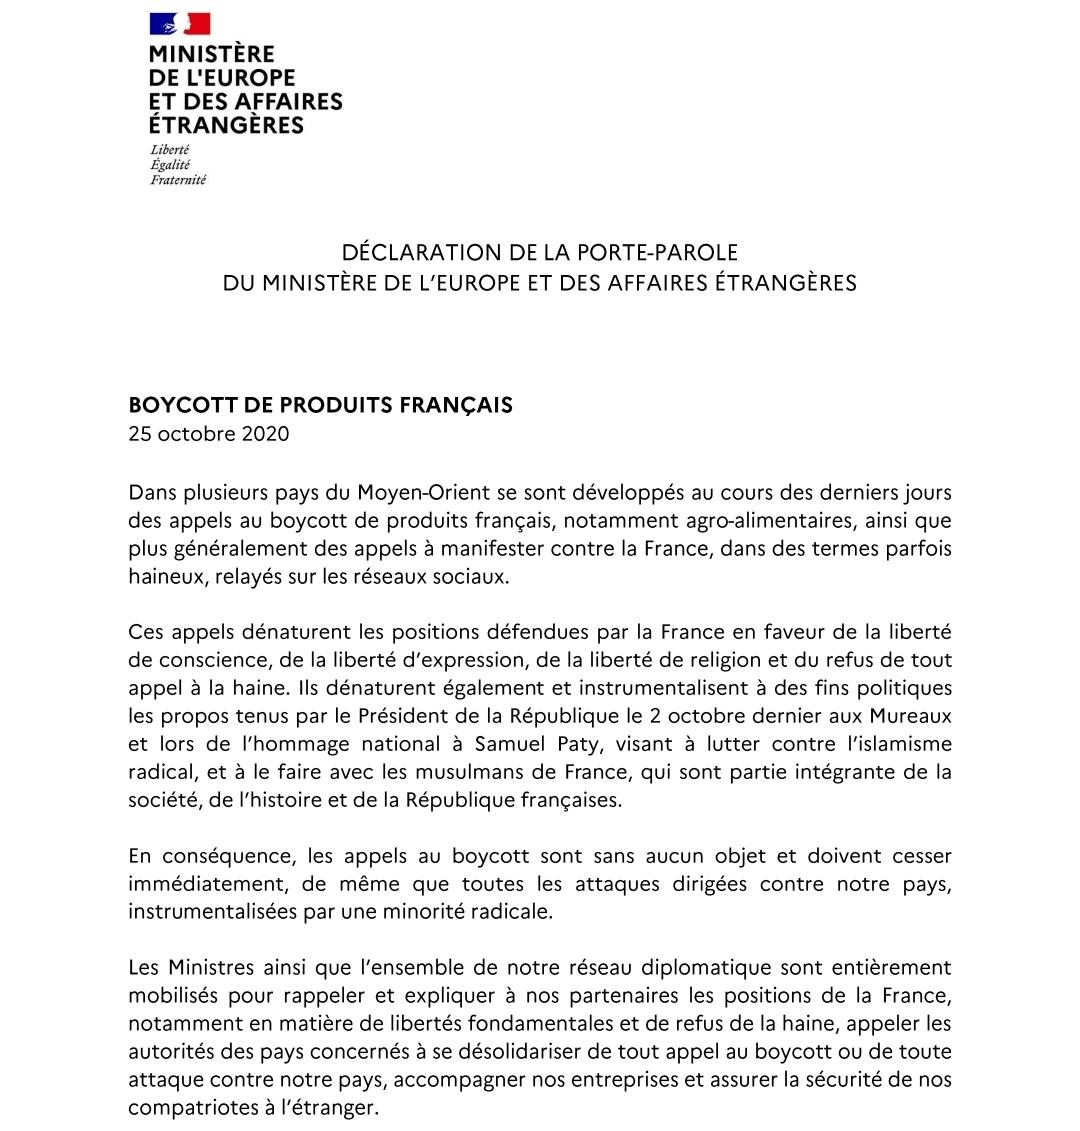 Le ministère des Affaires étrangères demande l'arrêt des appels au boycott des produits français